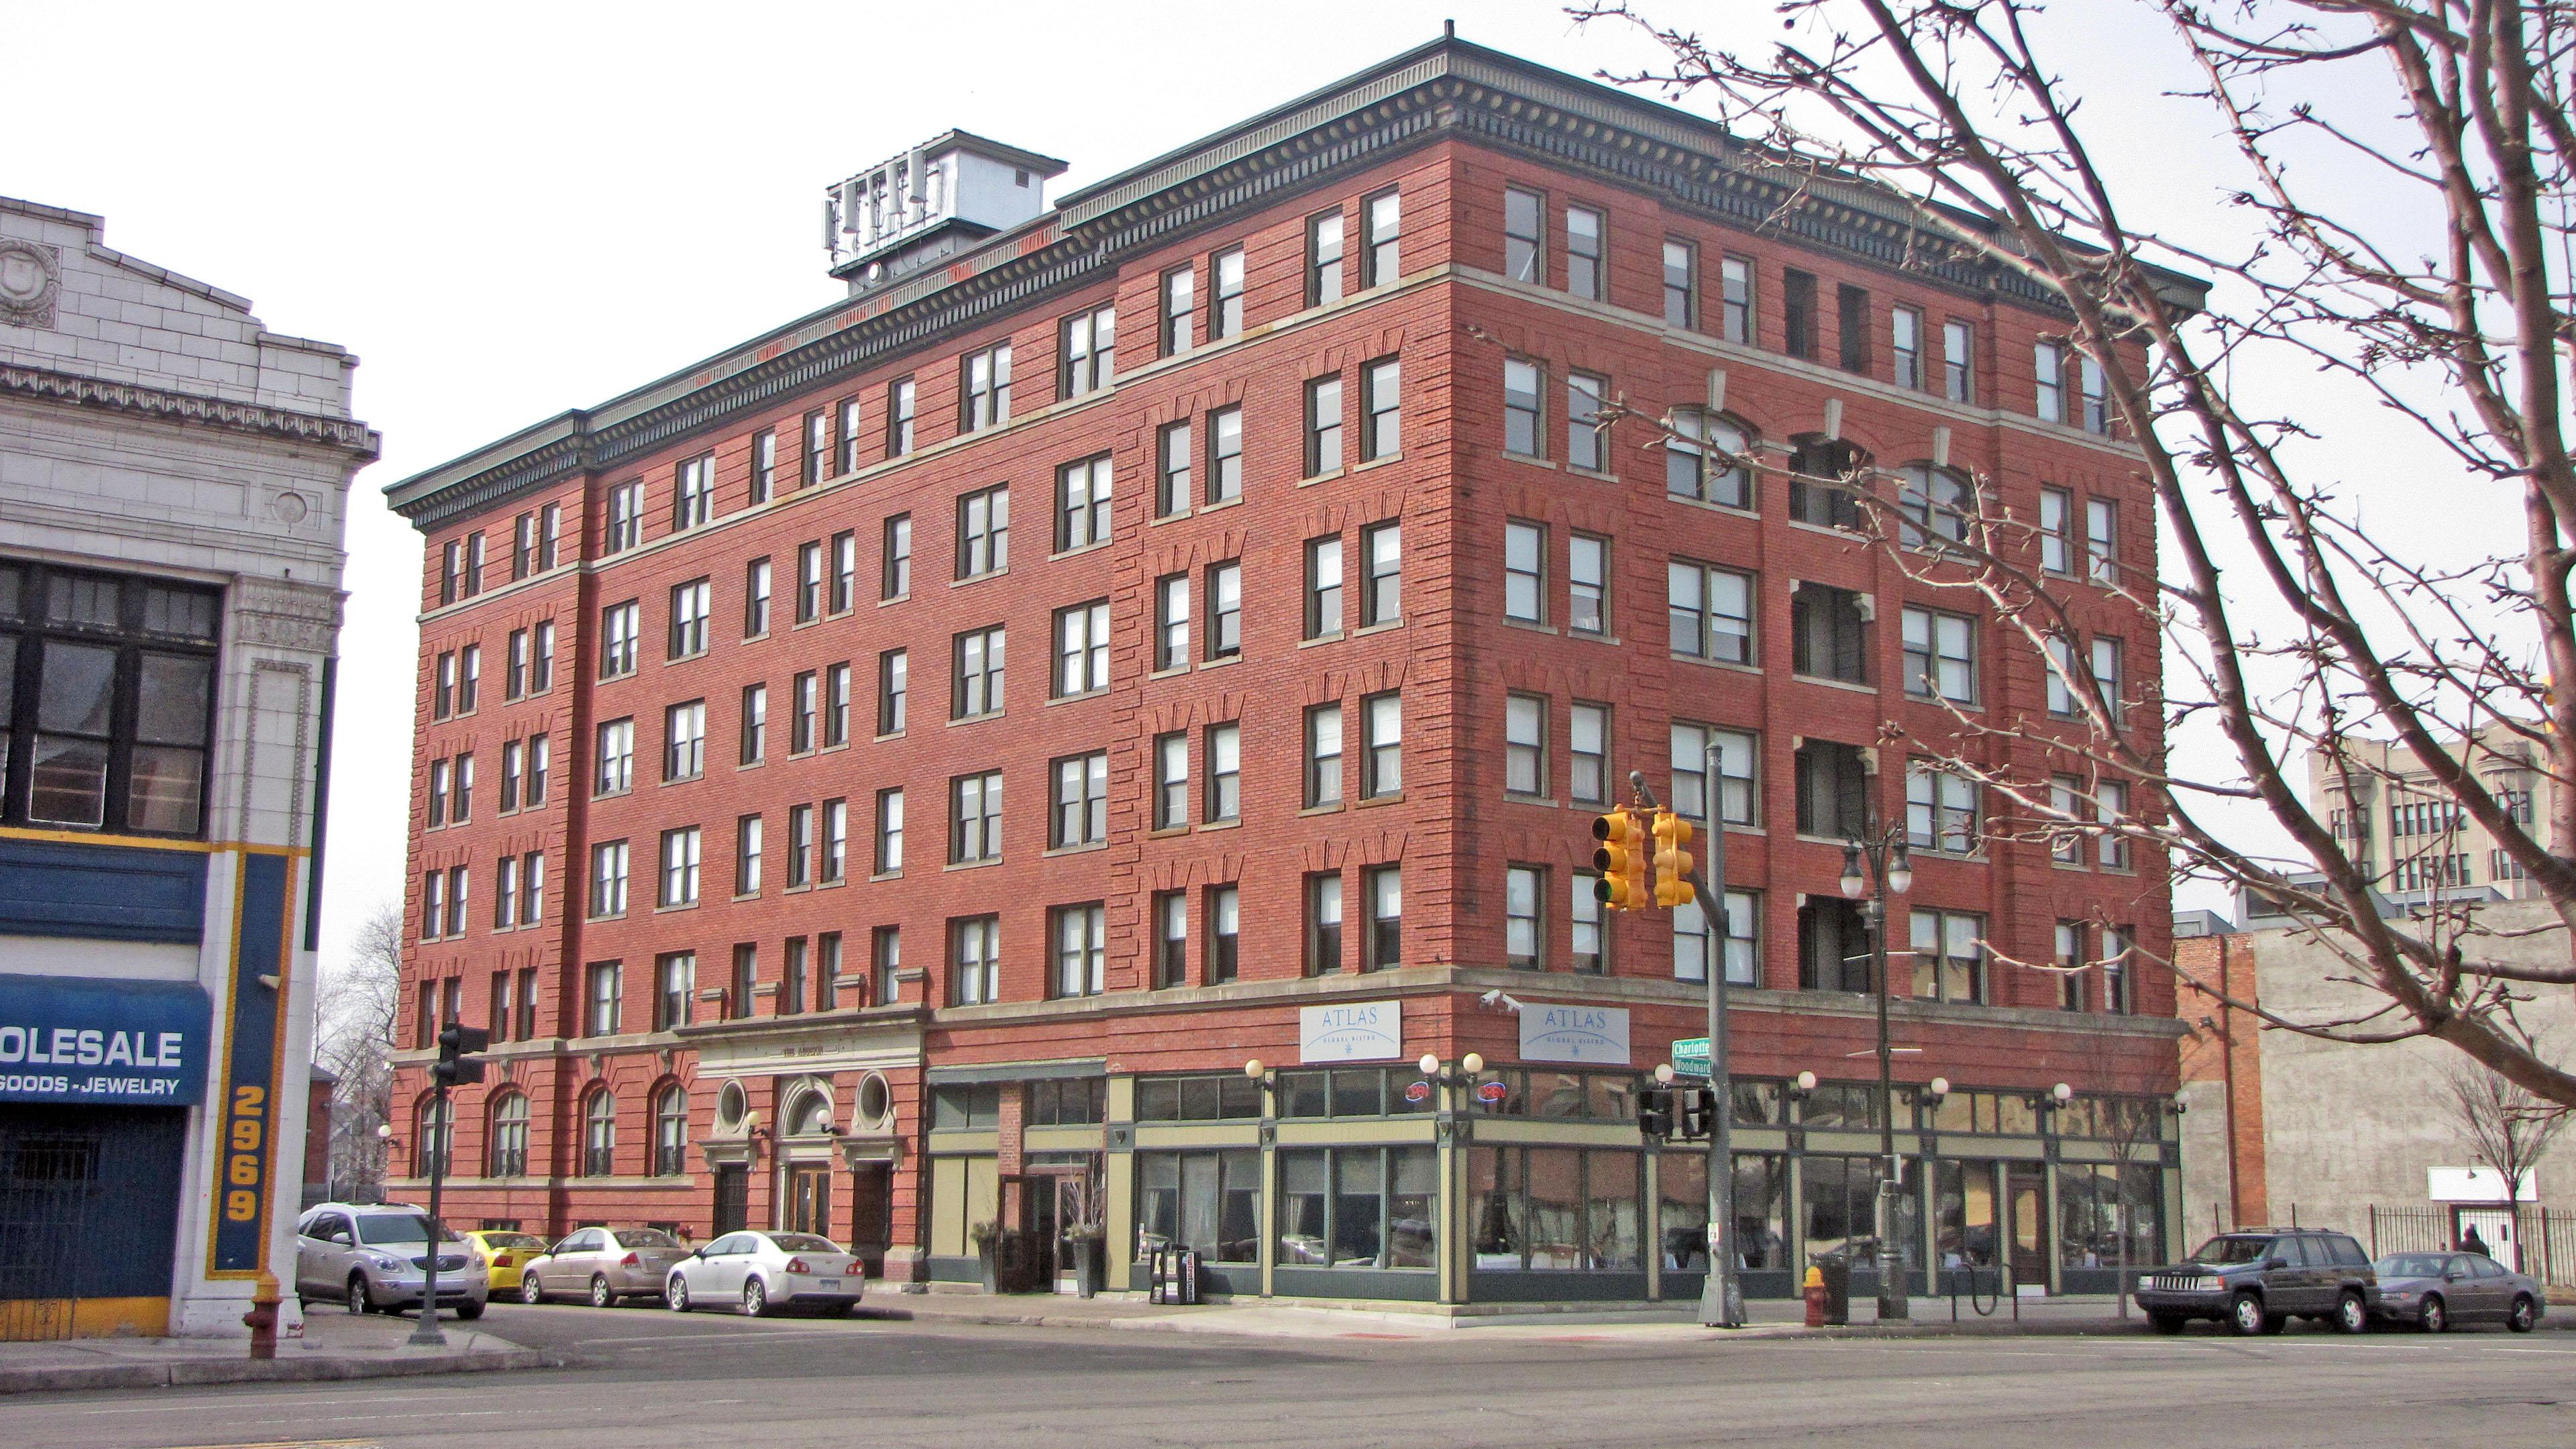 Addison Appartments 28 Images Addison Apartments Rentals Detroit Mi Apartments Com Addison